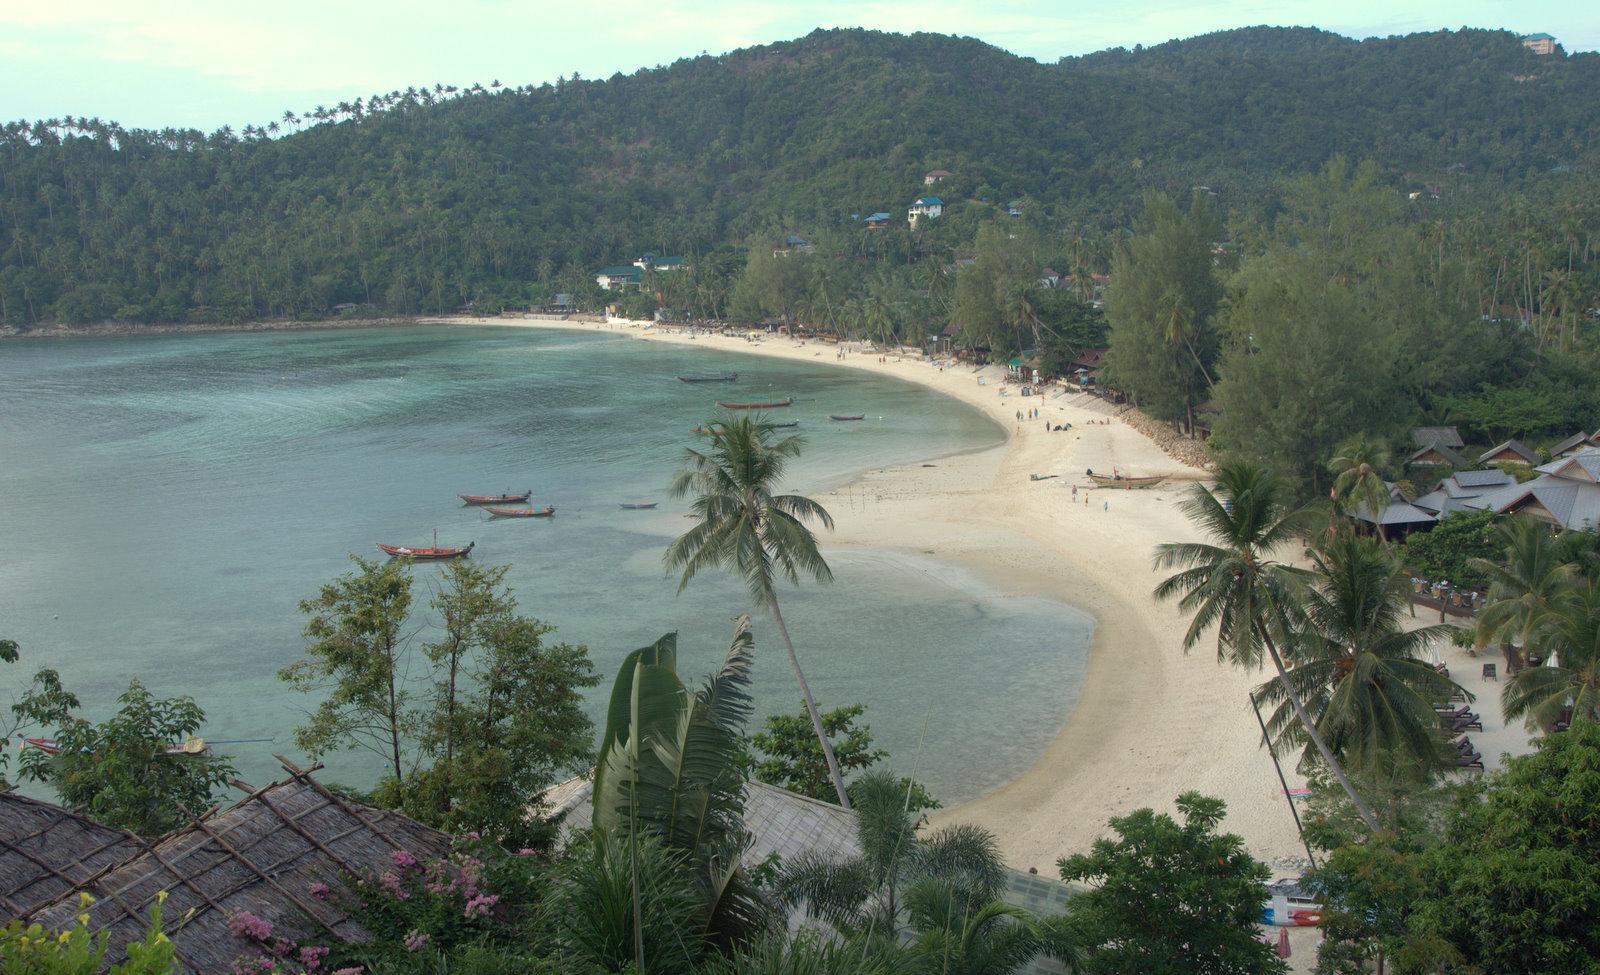 Trzy rajskie wyspy, pierwszy snorkeling i... 35